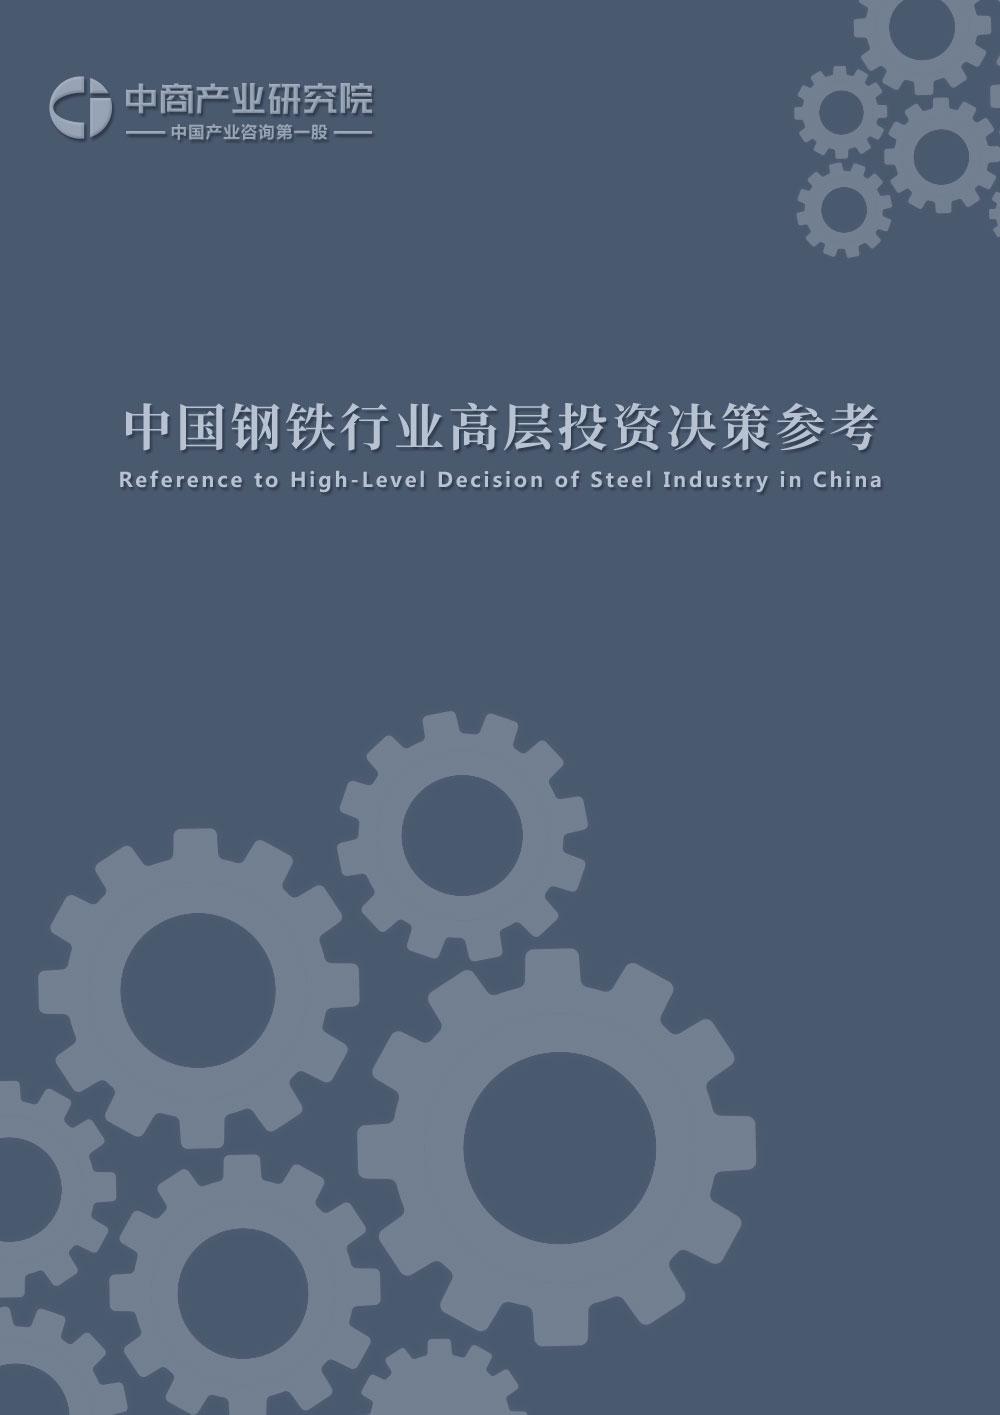 中国钢铁行业投资决策参考(2019年1月)